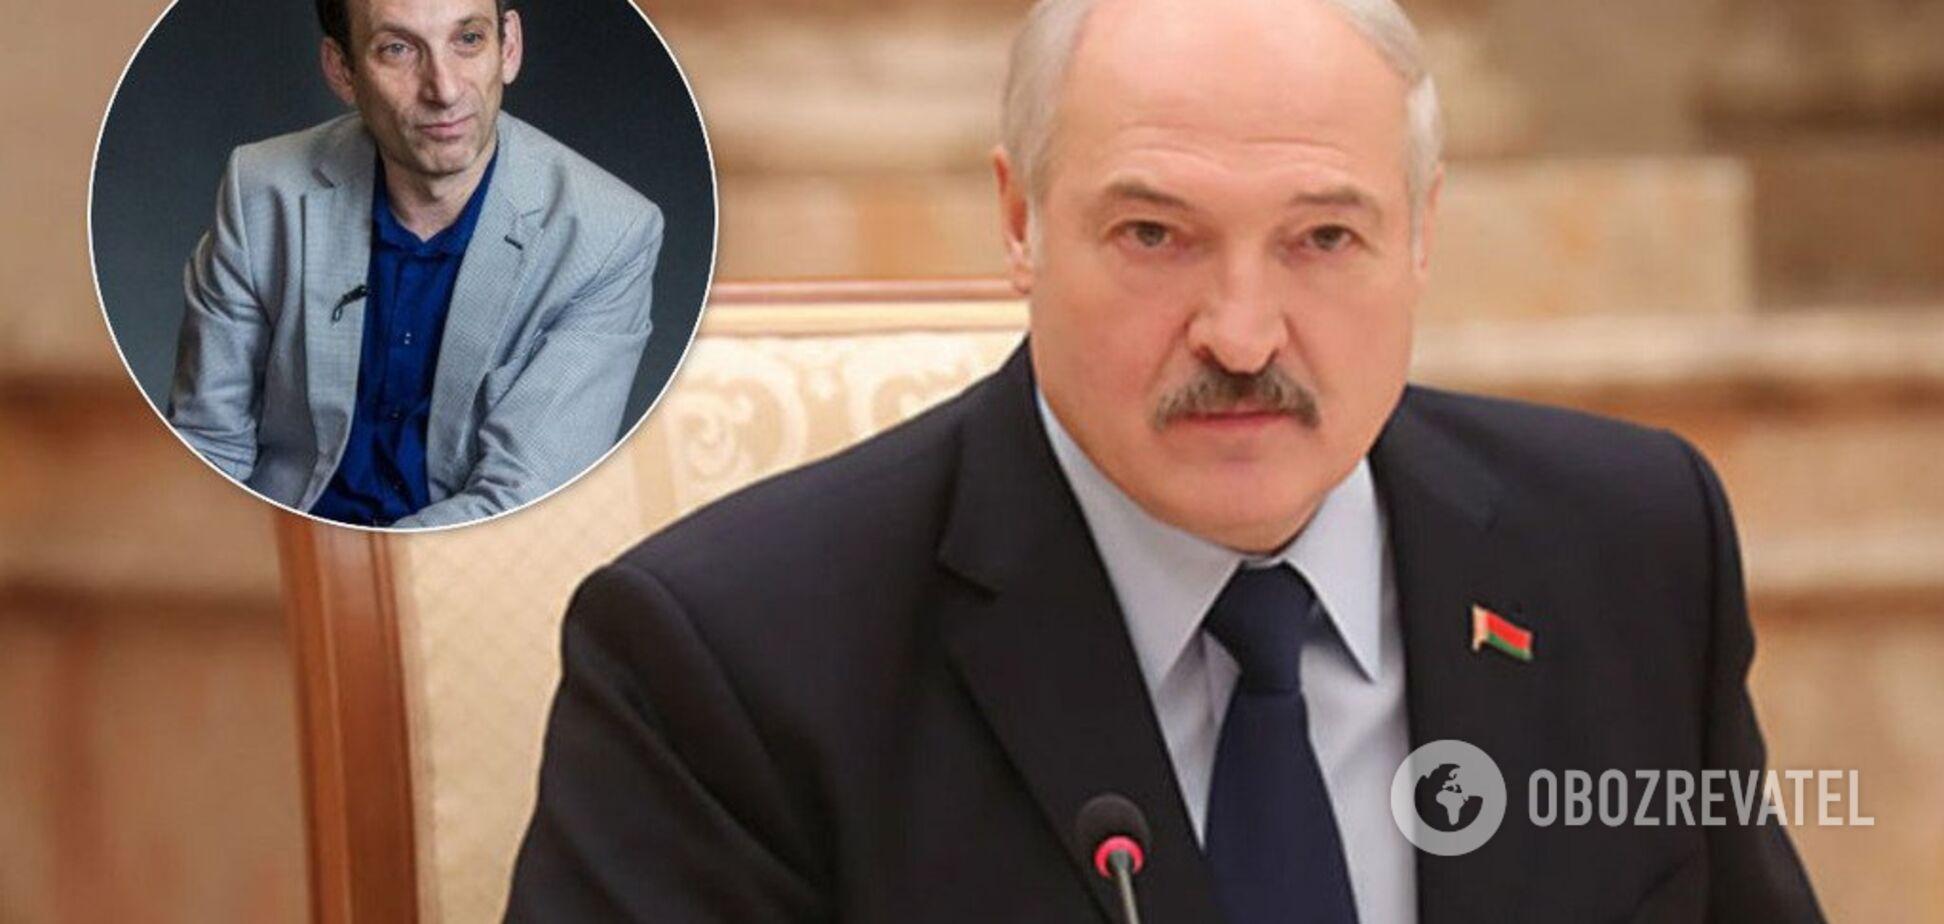 'Справжній прорив!' Портніков пояснив гру Лукашенко за спиною Путіна